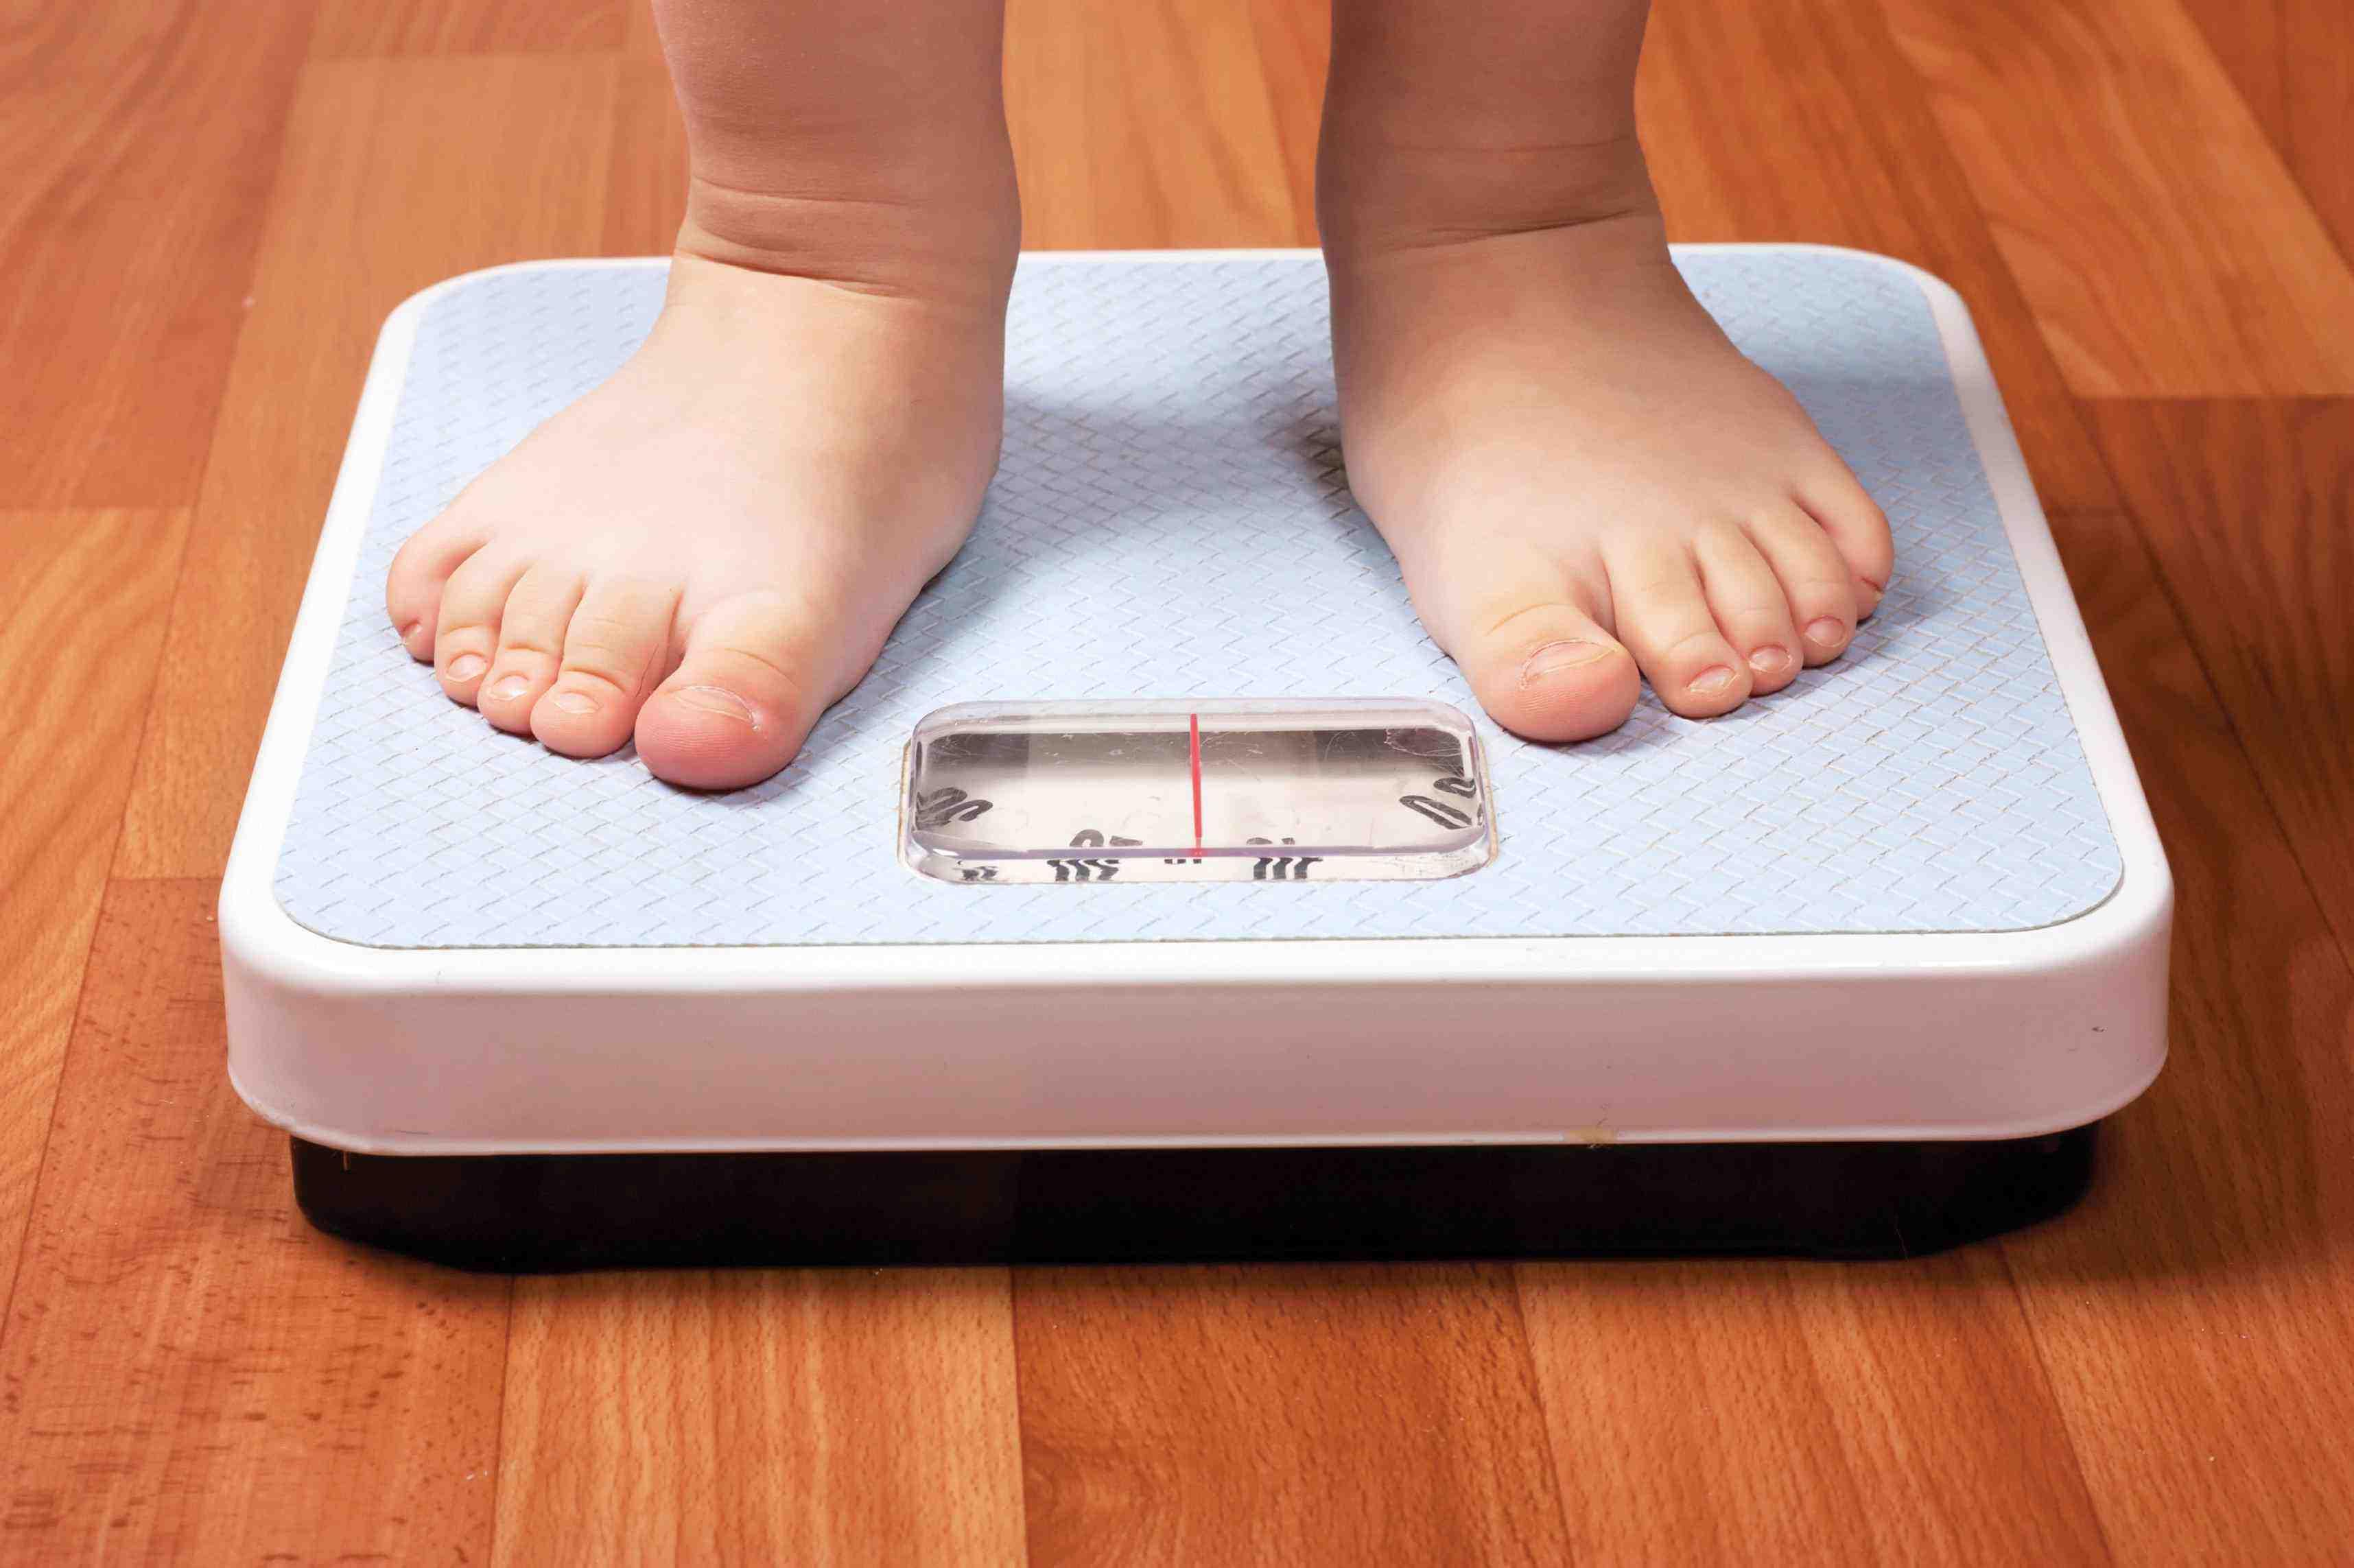 Obesidad y sobrepeso, factores de prediabetes infantil